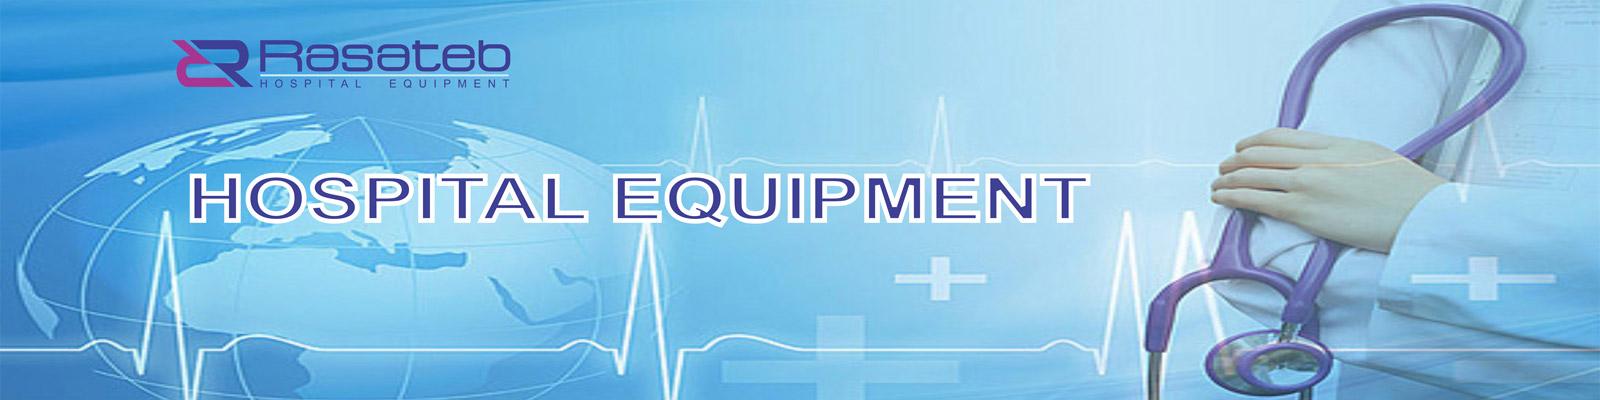 شرکت راهخیان سلامت طب البرز تولید کننده و وارد کننده تجهیزات پزشکی